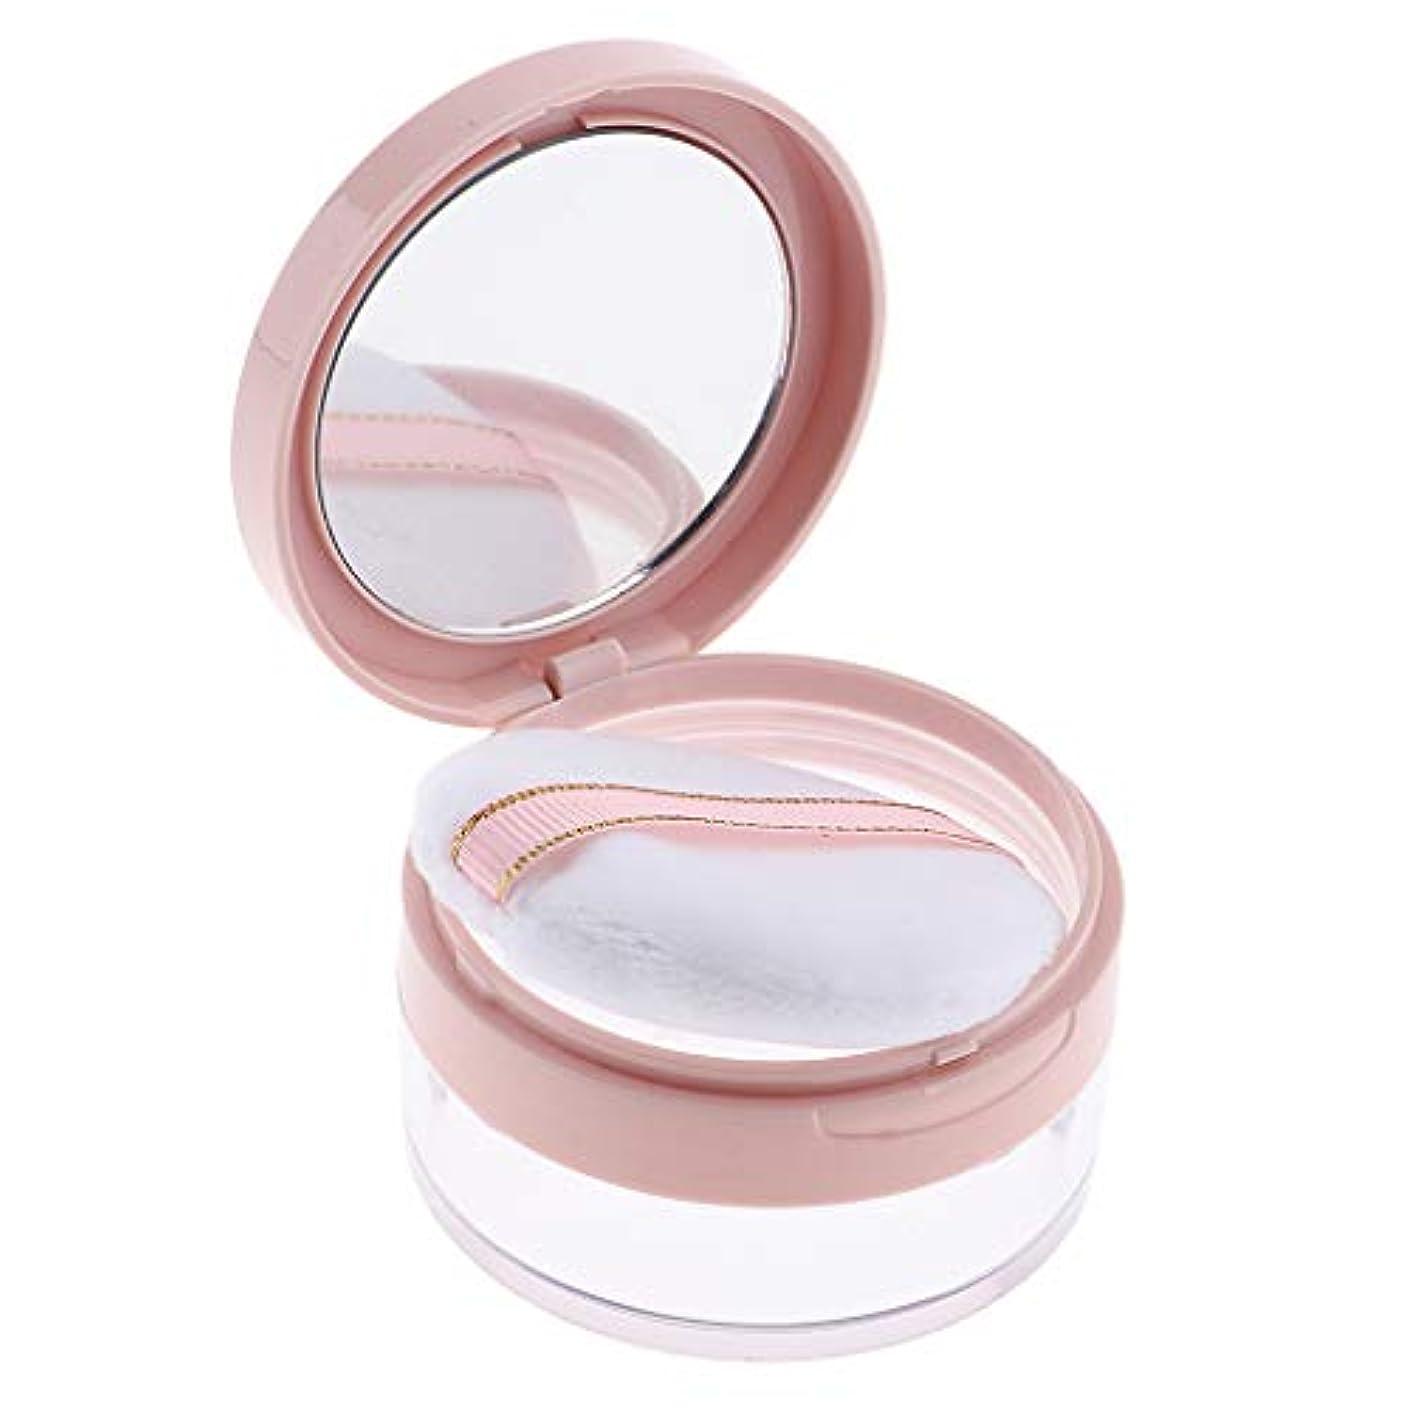 荷物移住するクリップ蝶F Fityle パウダーケース 化粧品 ジャー 鏡 パフ 2色選べ - ピンク